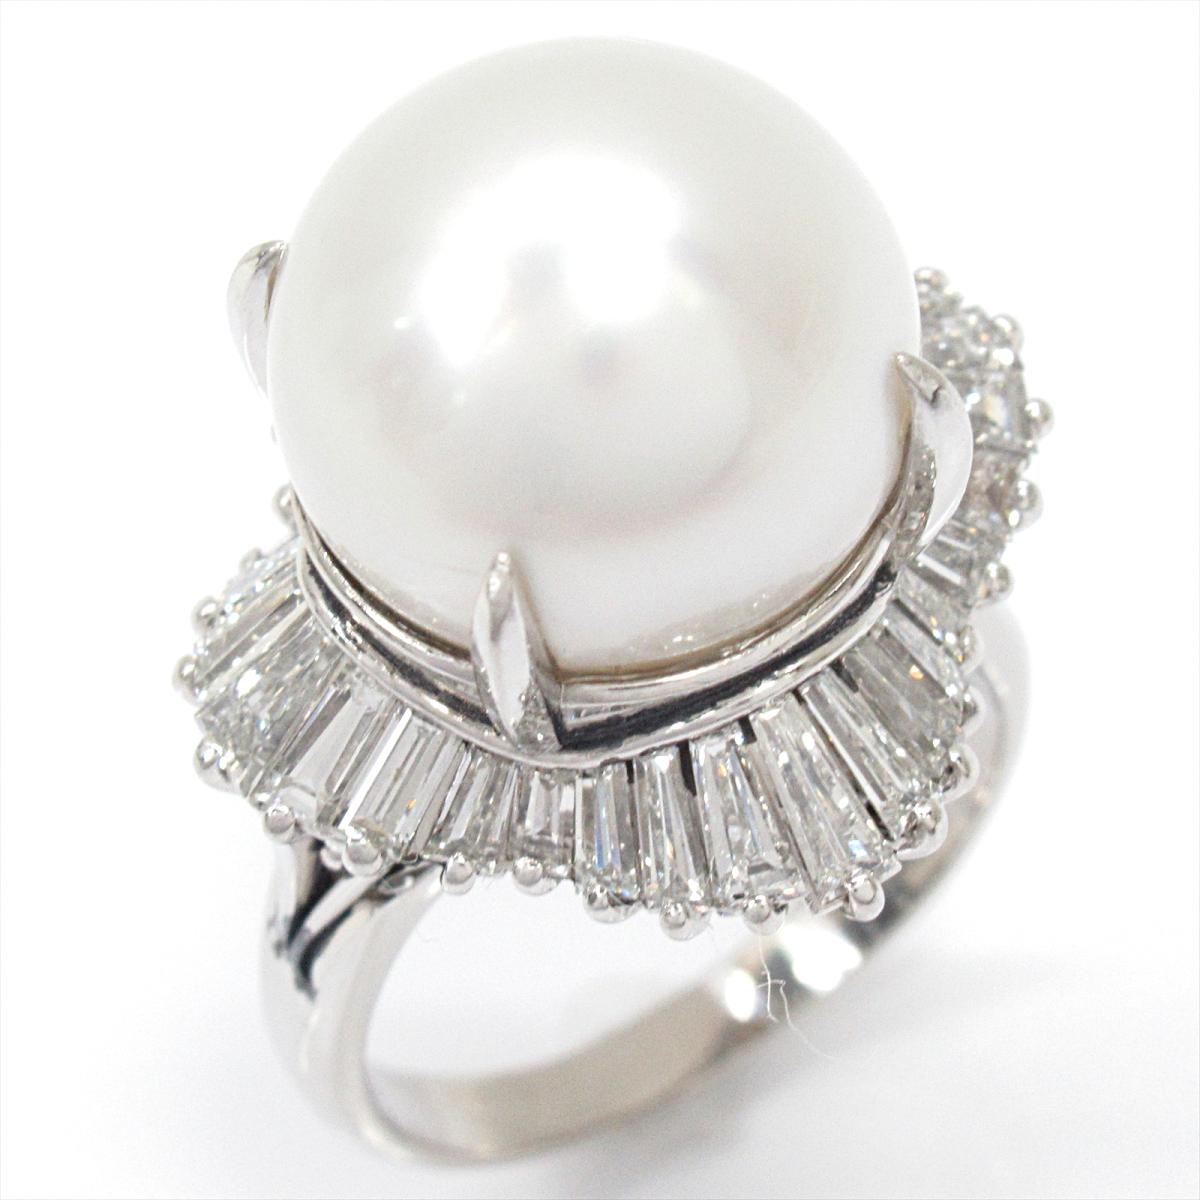 【中古】 ジュエリー パール リング 指輪 レディース PT900 プラチナ x ダイヤモンド   JEWELRY BRANDOFF ブランドオフ ブランド アクセサリー